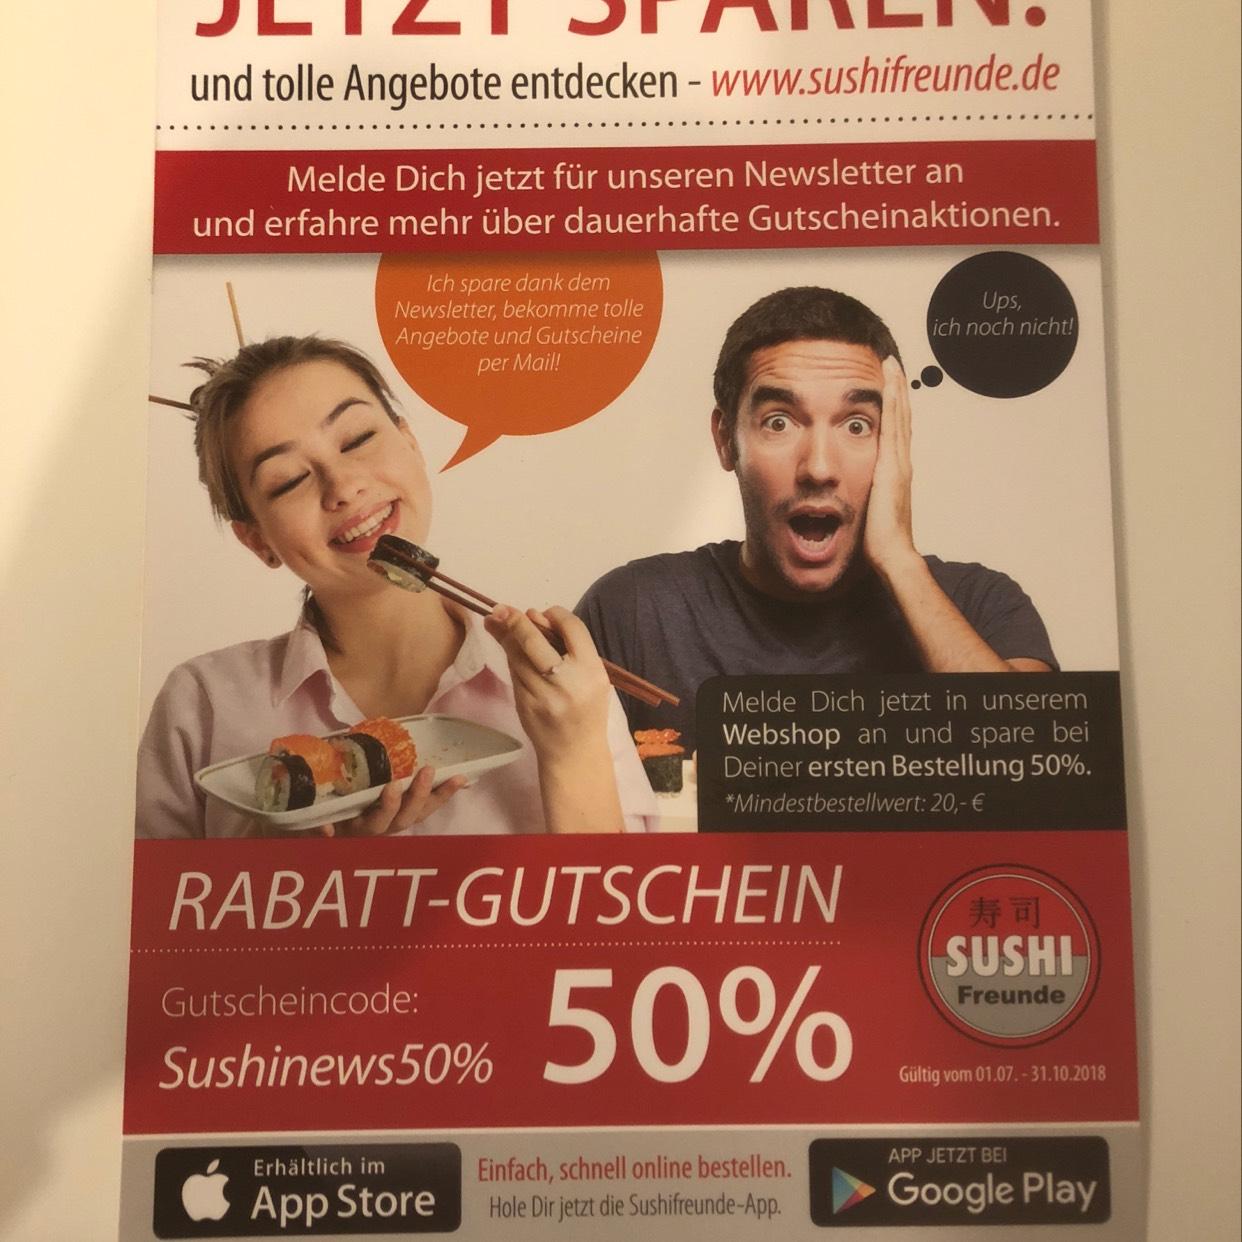 [LOKAL] 50% Rabatt auf die erste Bestellung bei Sushifreunde durch Newsletteranmeldung